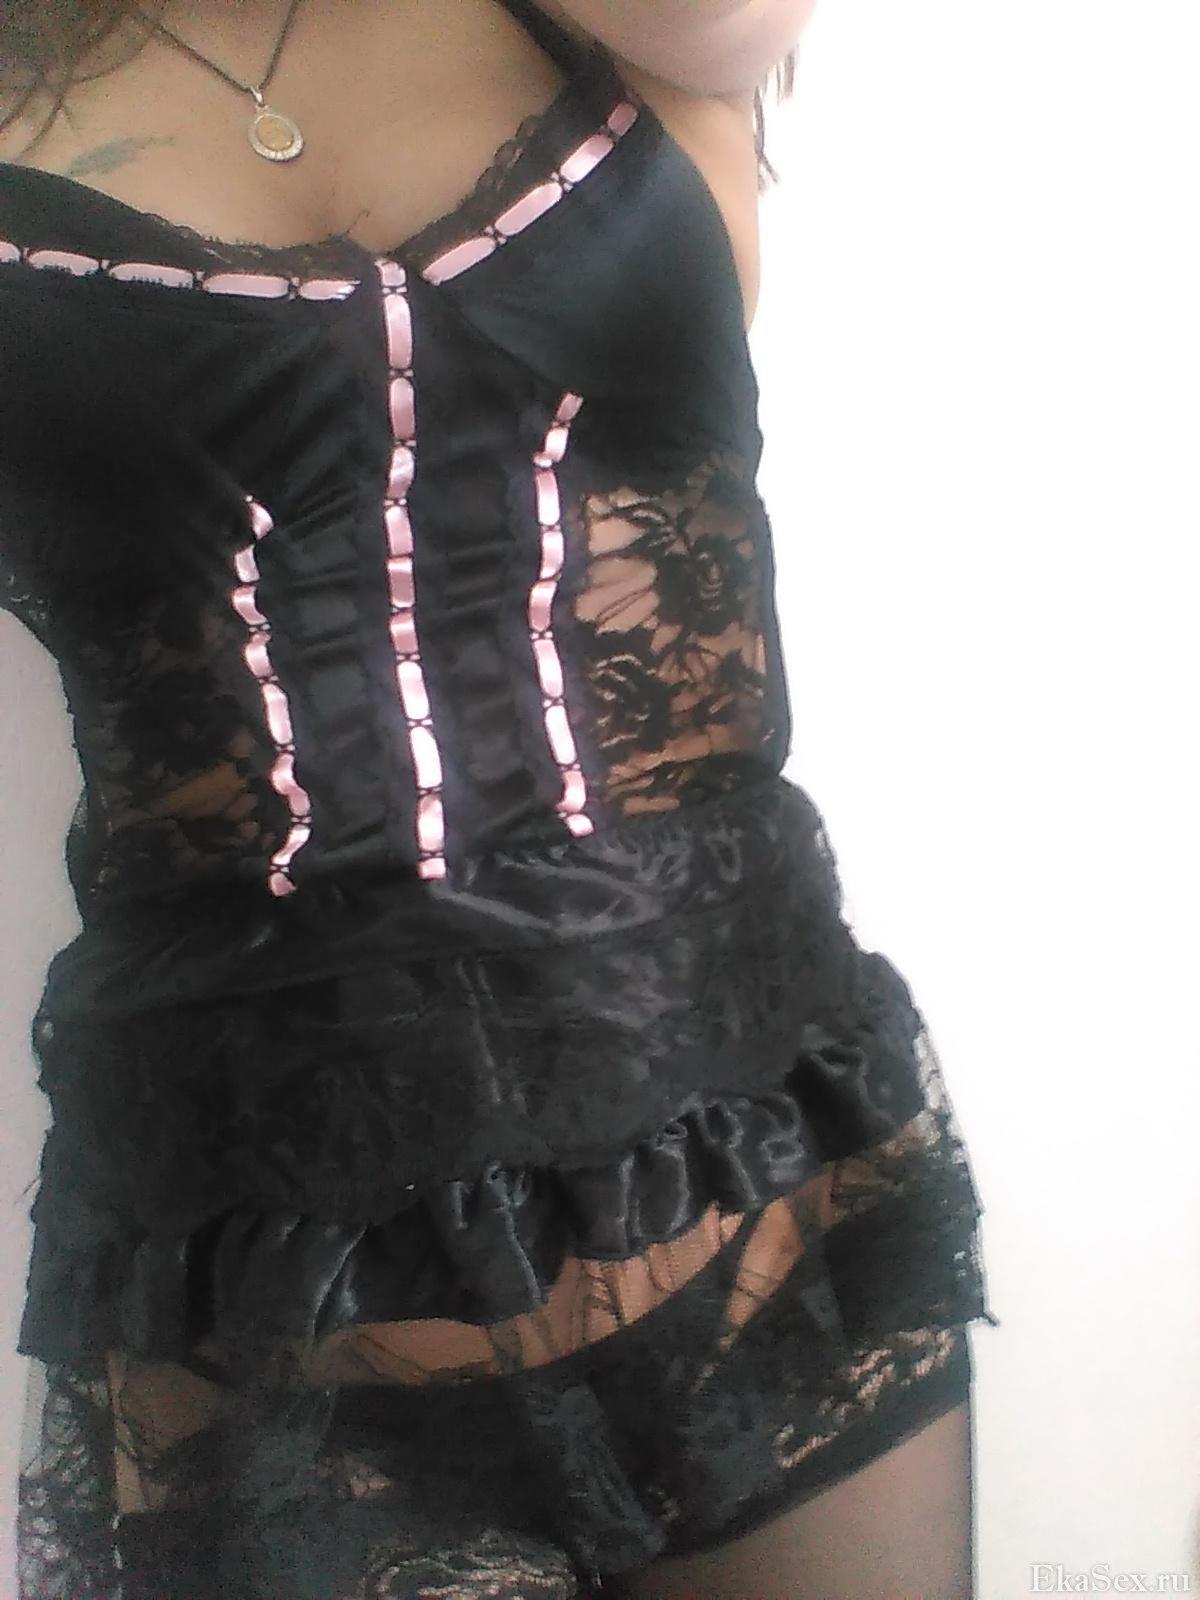 фото проститутки Екатерина из города Екатеринбург